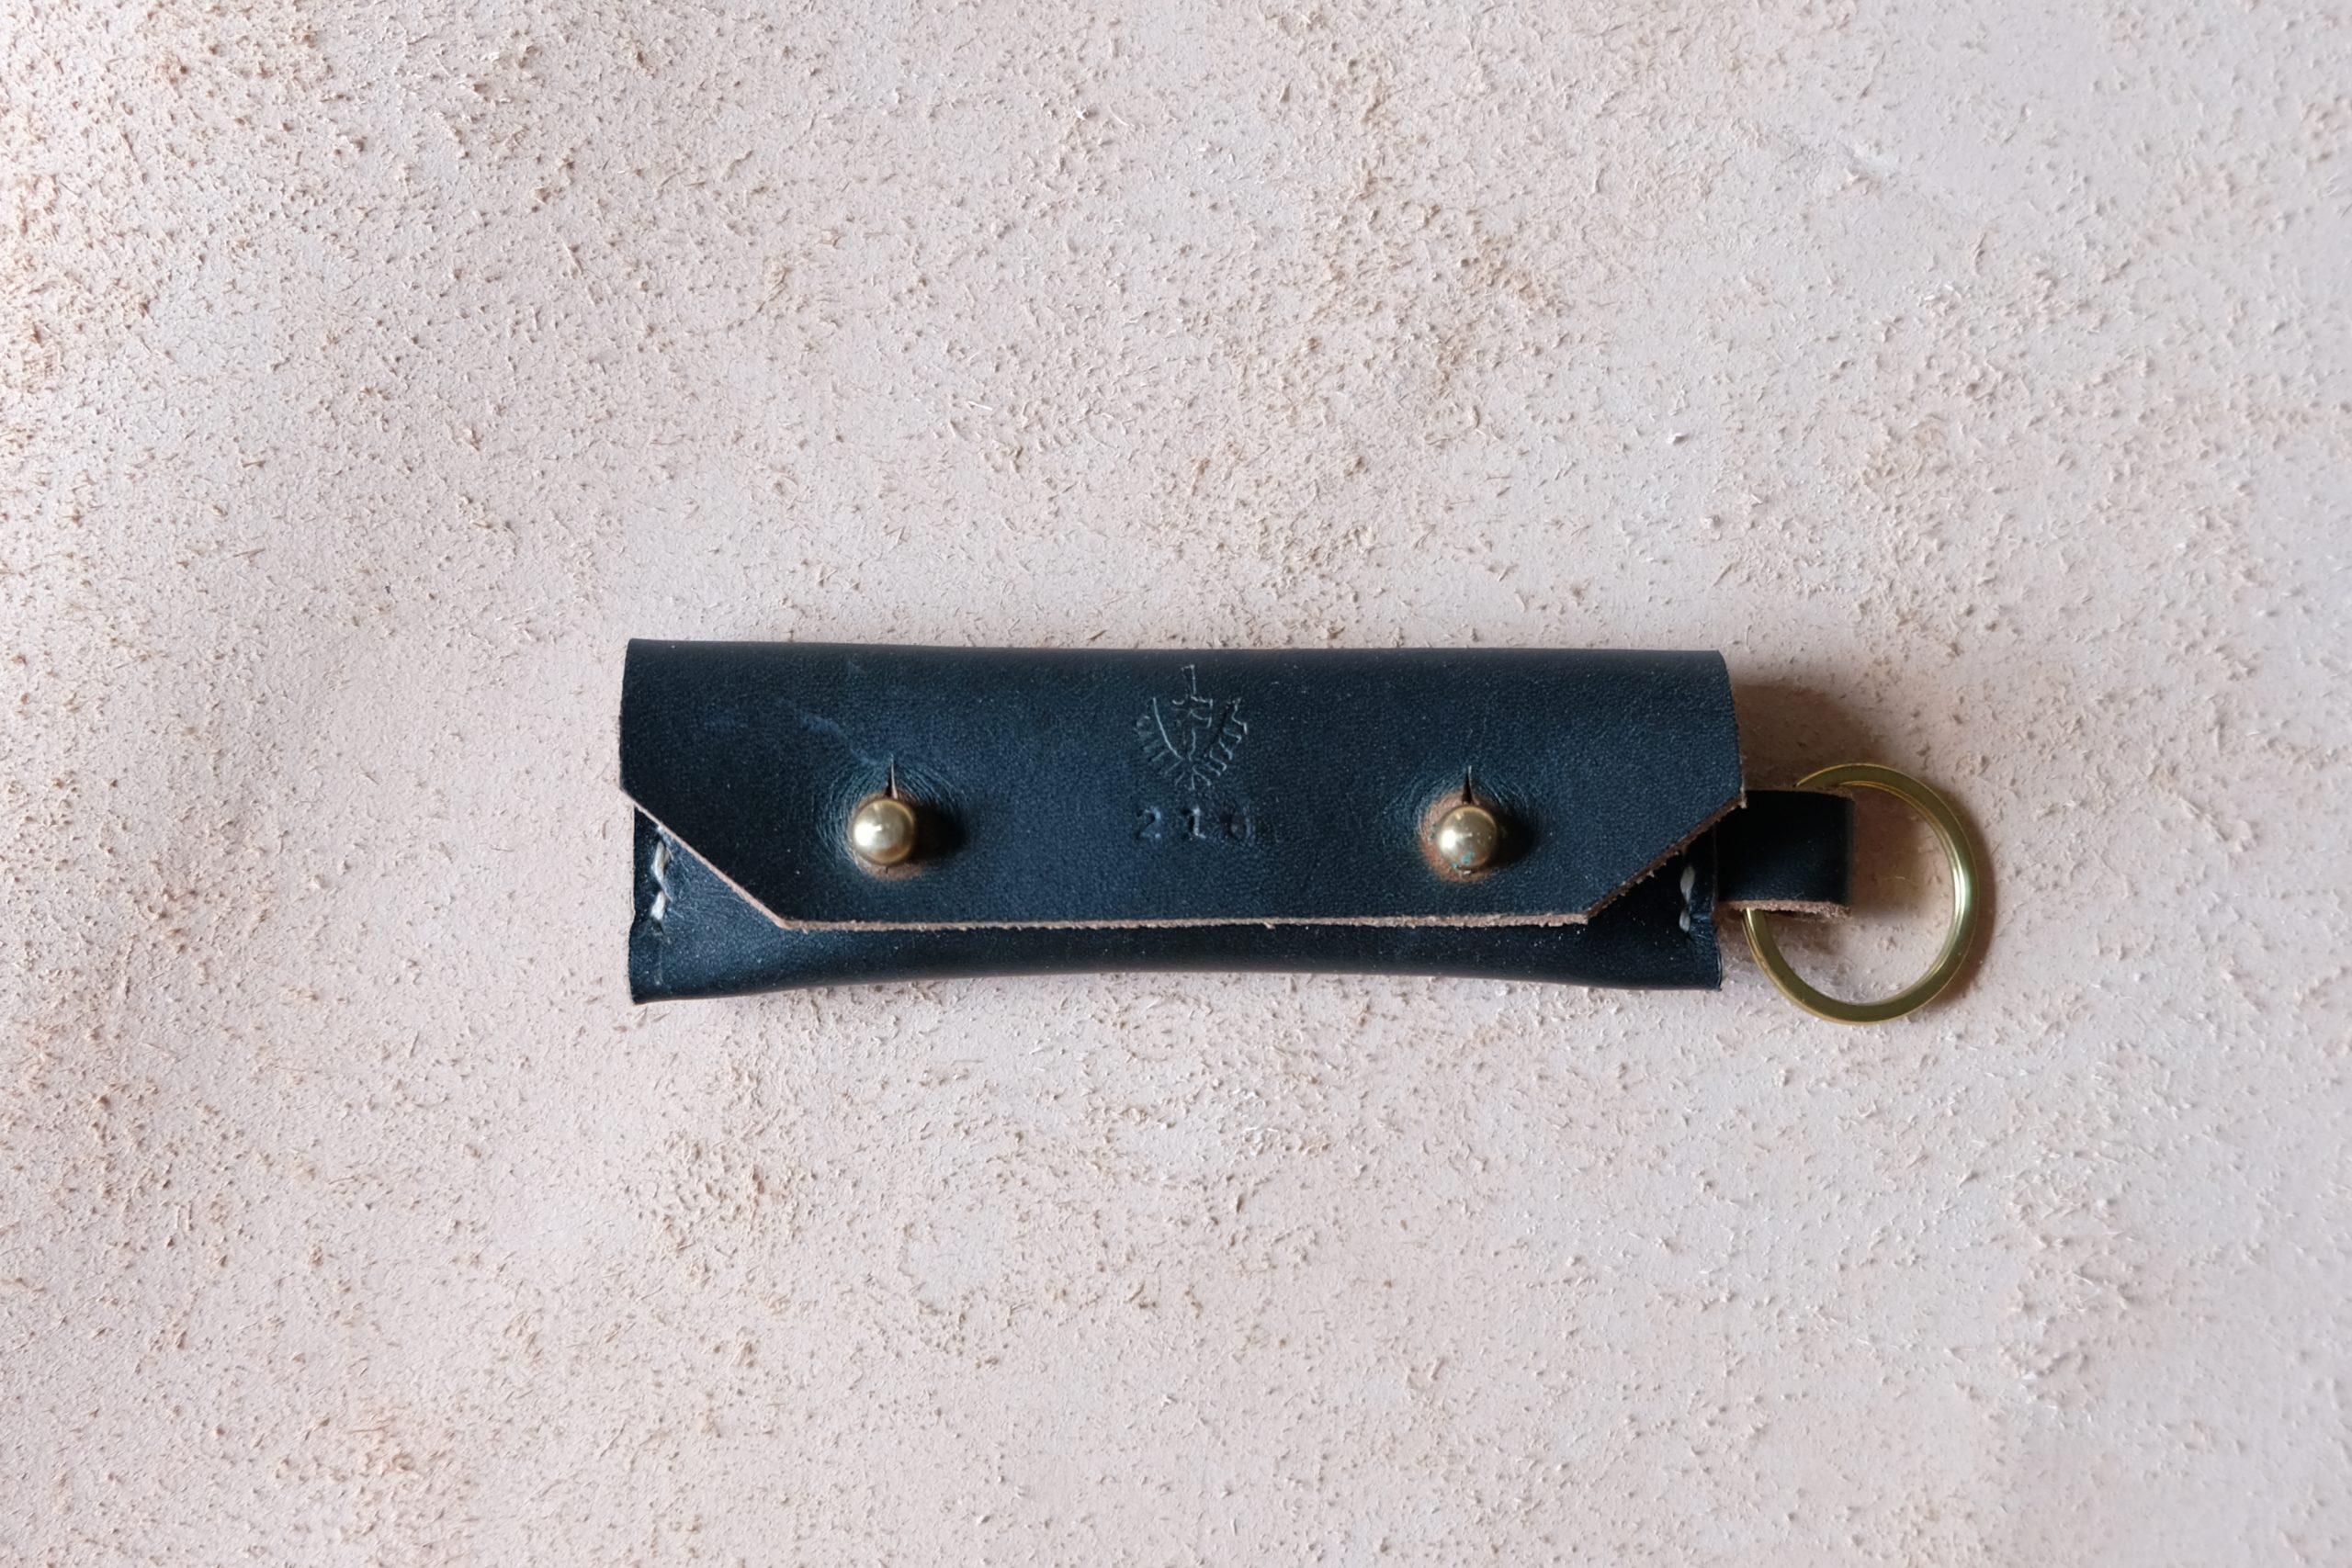 lerif designs leather gum stick coin holder on beige background indigo with brass ring